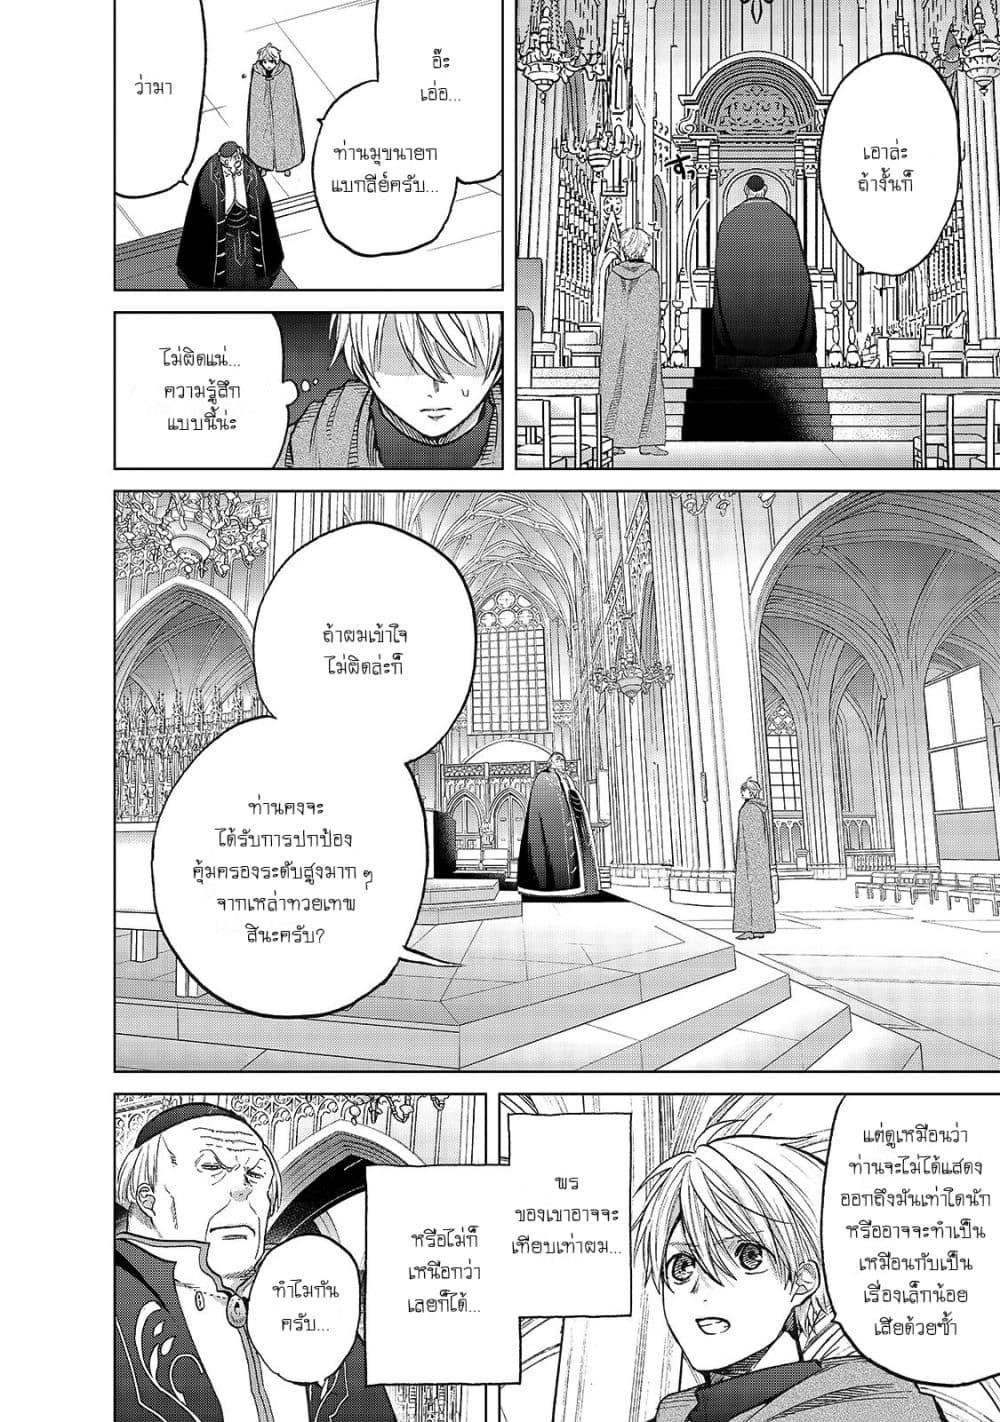 อ่านการ์ตูน Saihate no Paladin ตอนที่ 22 หน้าที่ 14